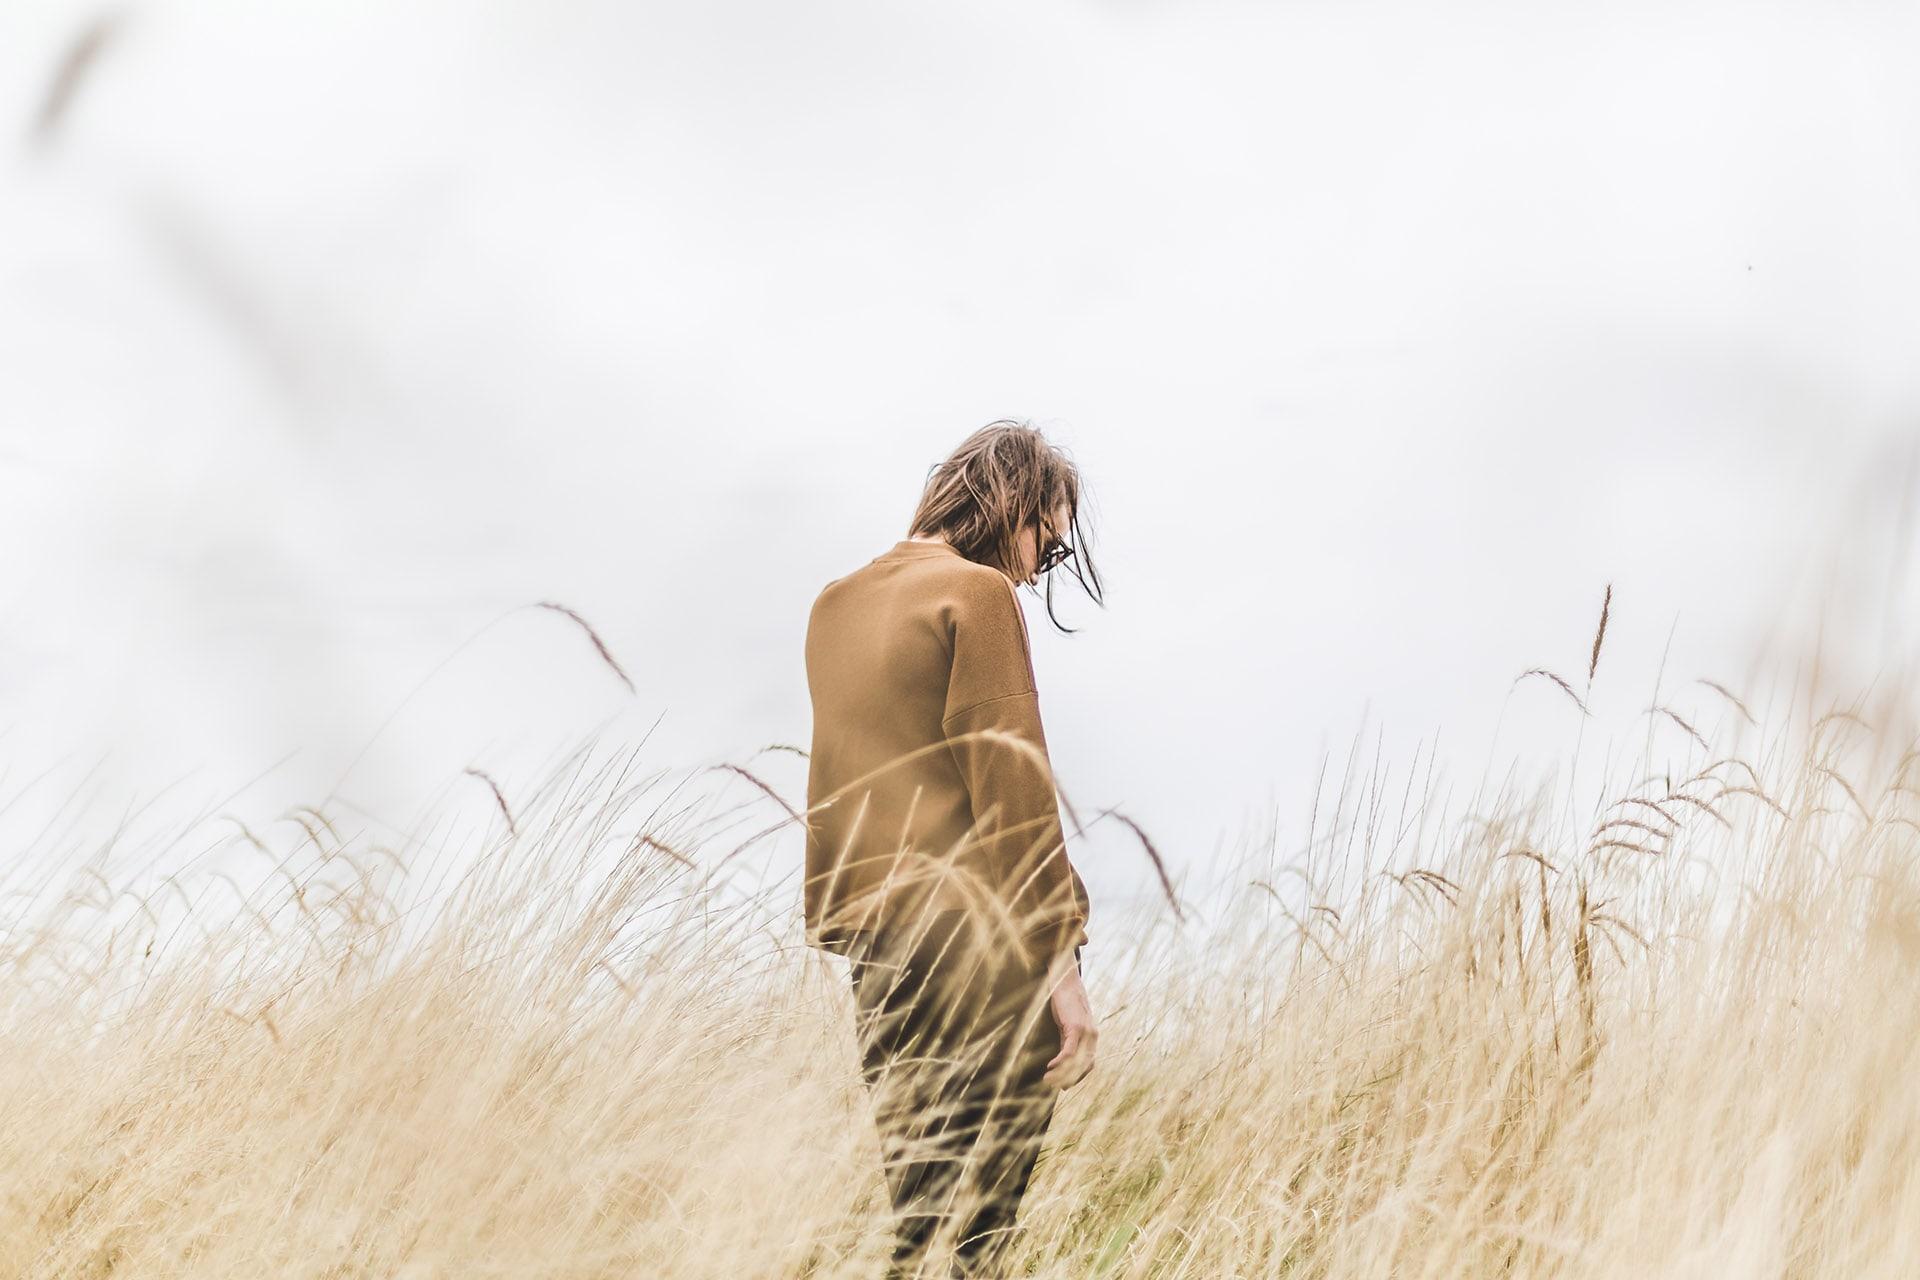 niepłodność to samotność kobieta w zbożu